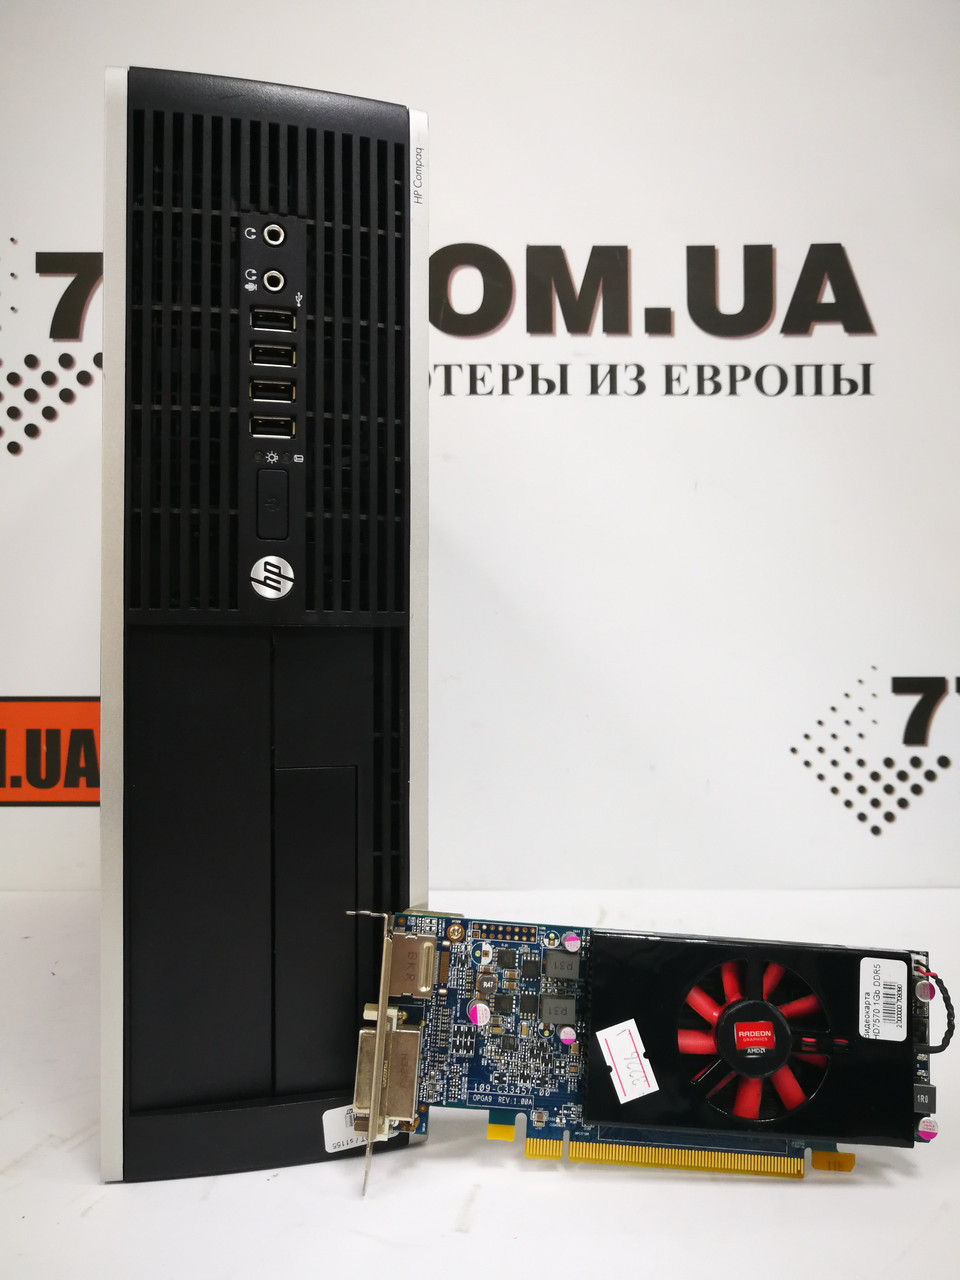 Компьютер HP SFF-DT, Intel Core i3-3220 3.3ГГц, ОЗУ 6ГБ, HDD 250ГБ, Radeon HD7570 1GB DDR5